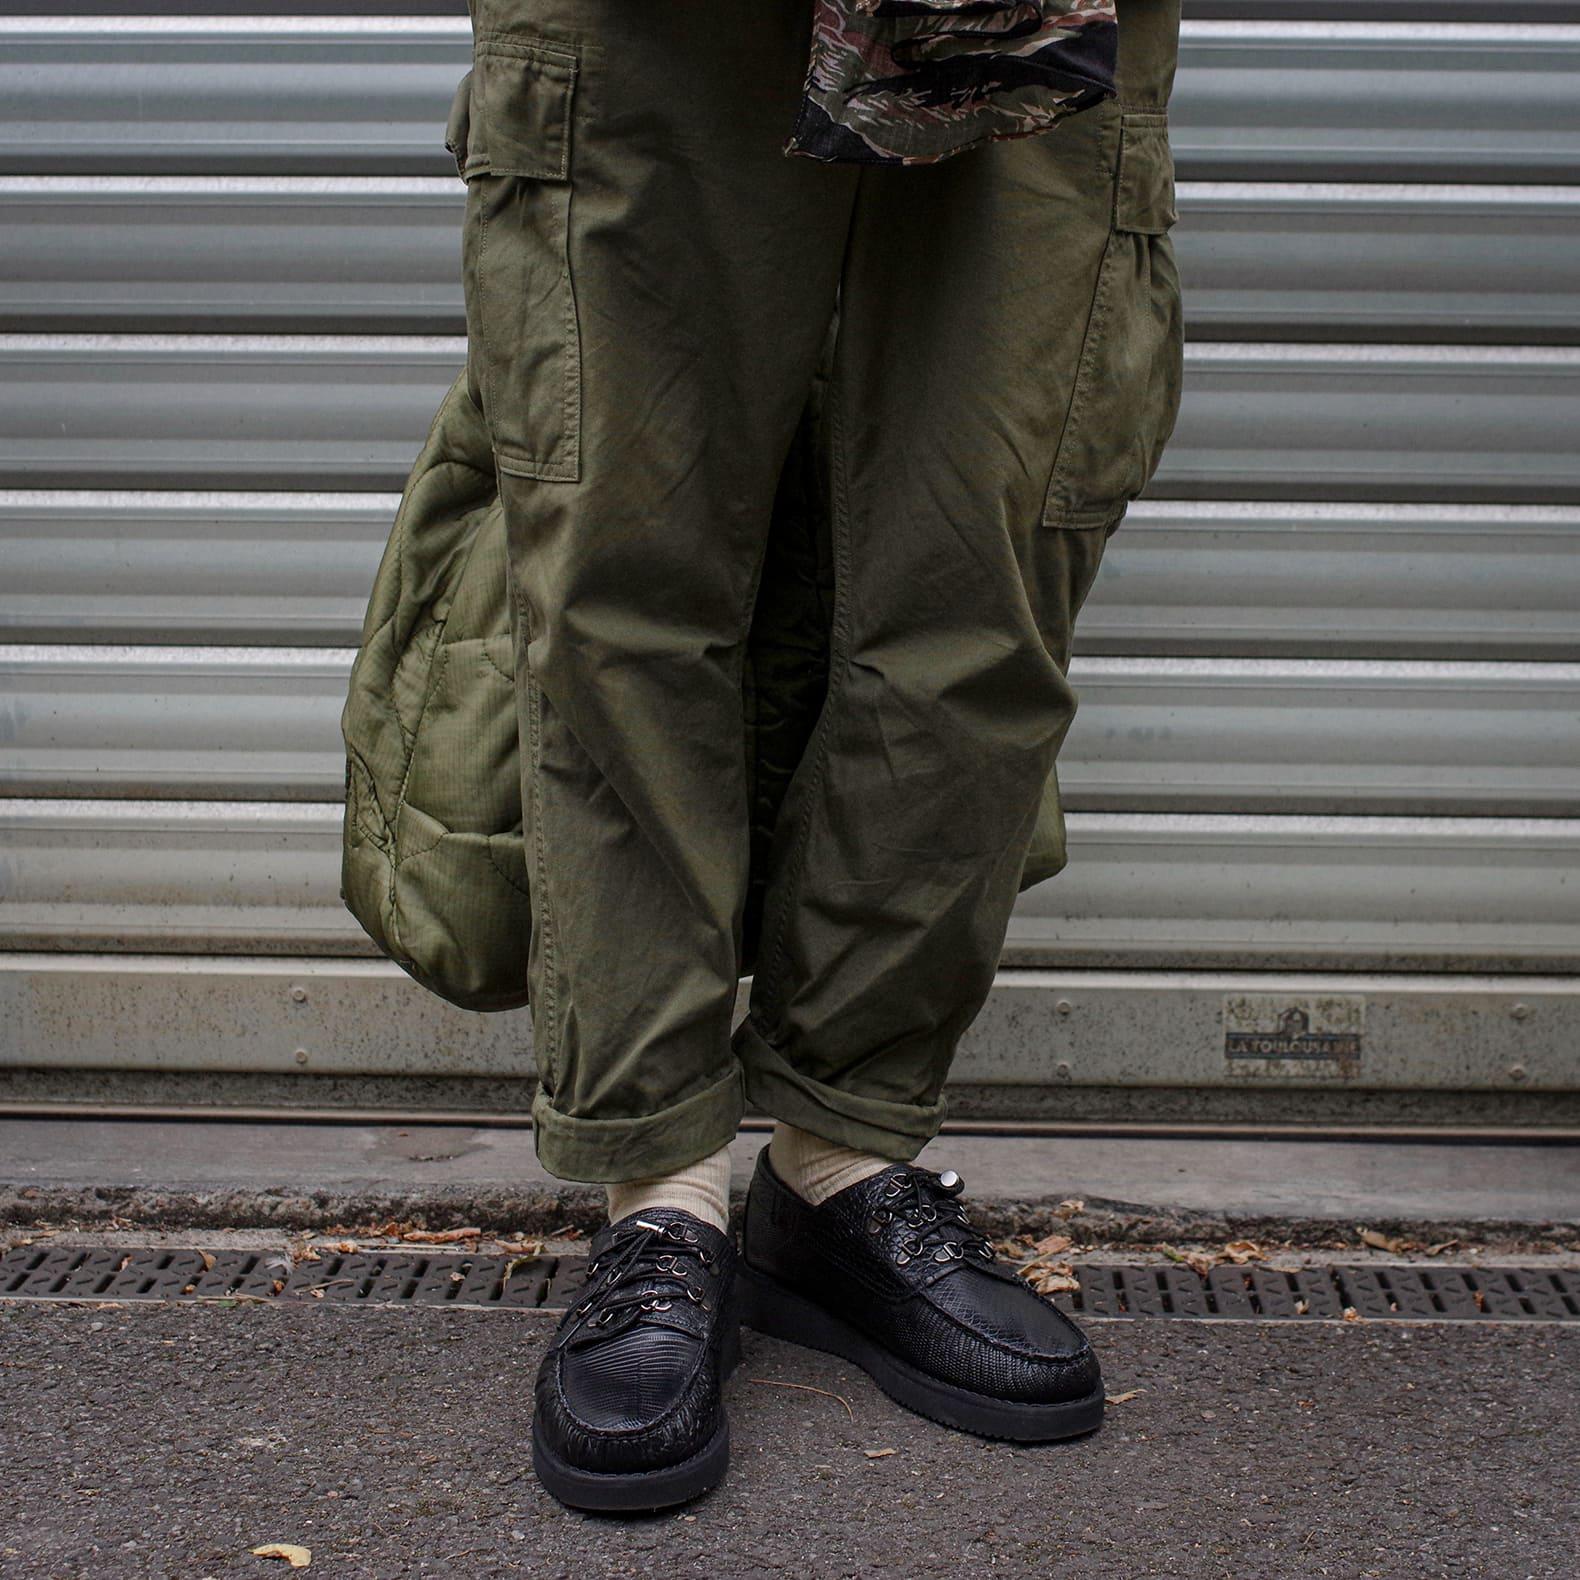 pantaon cargo avec chaussure noire